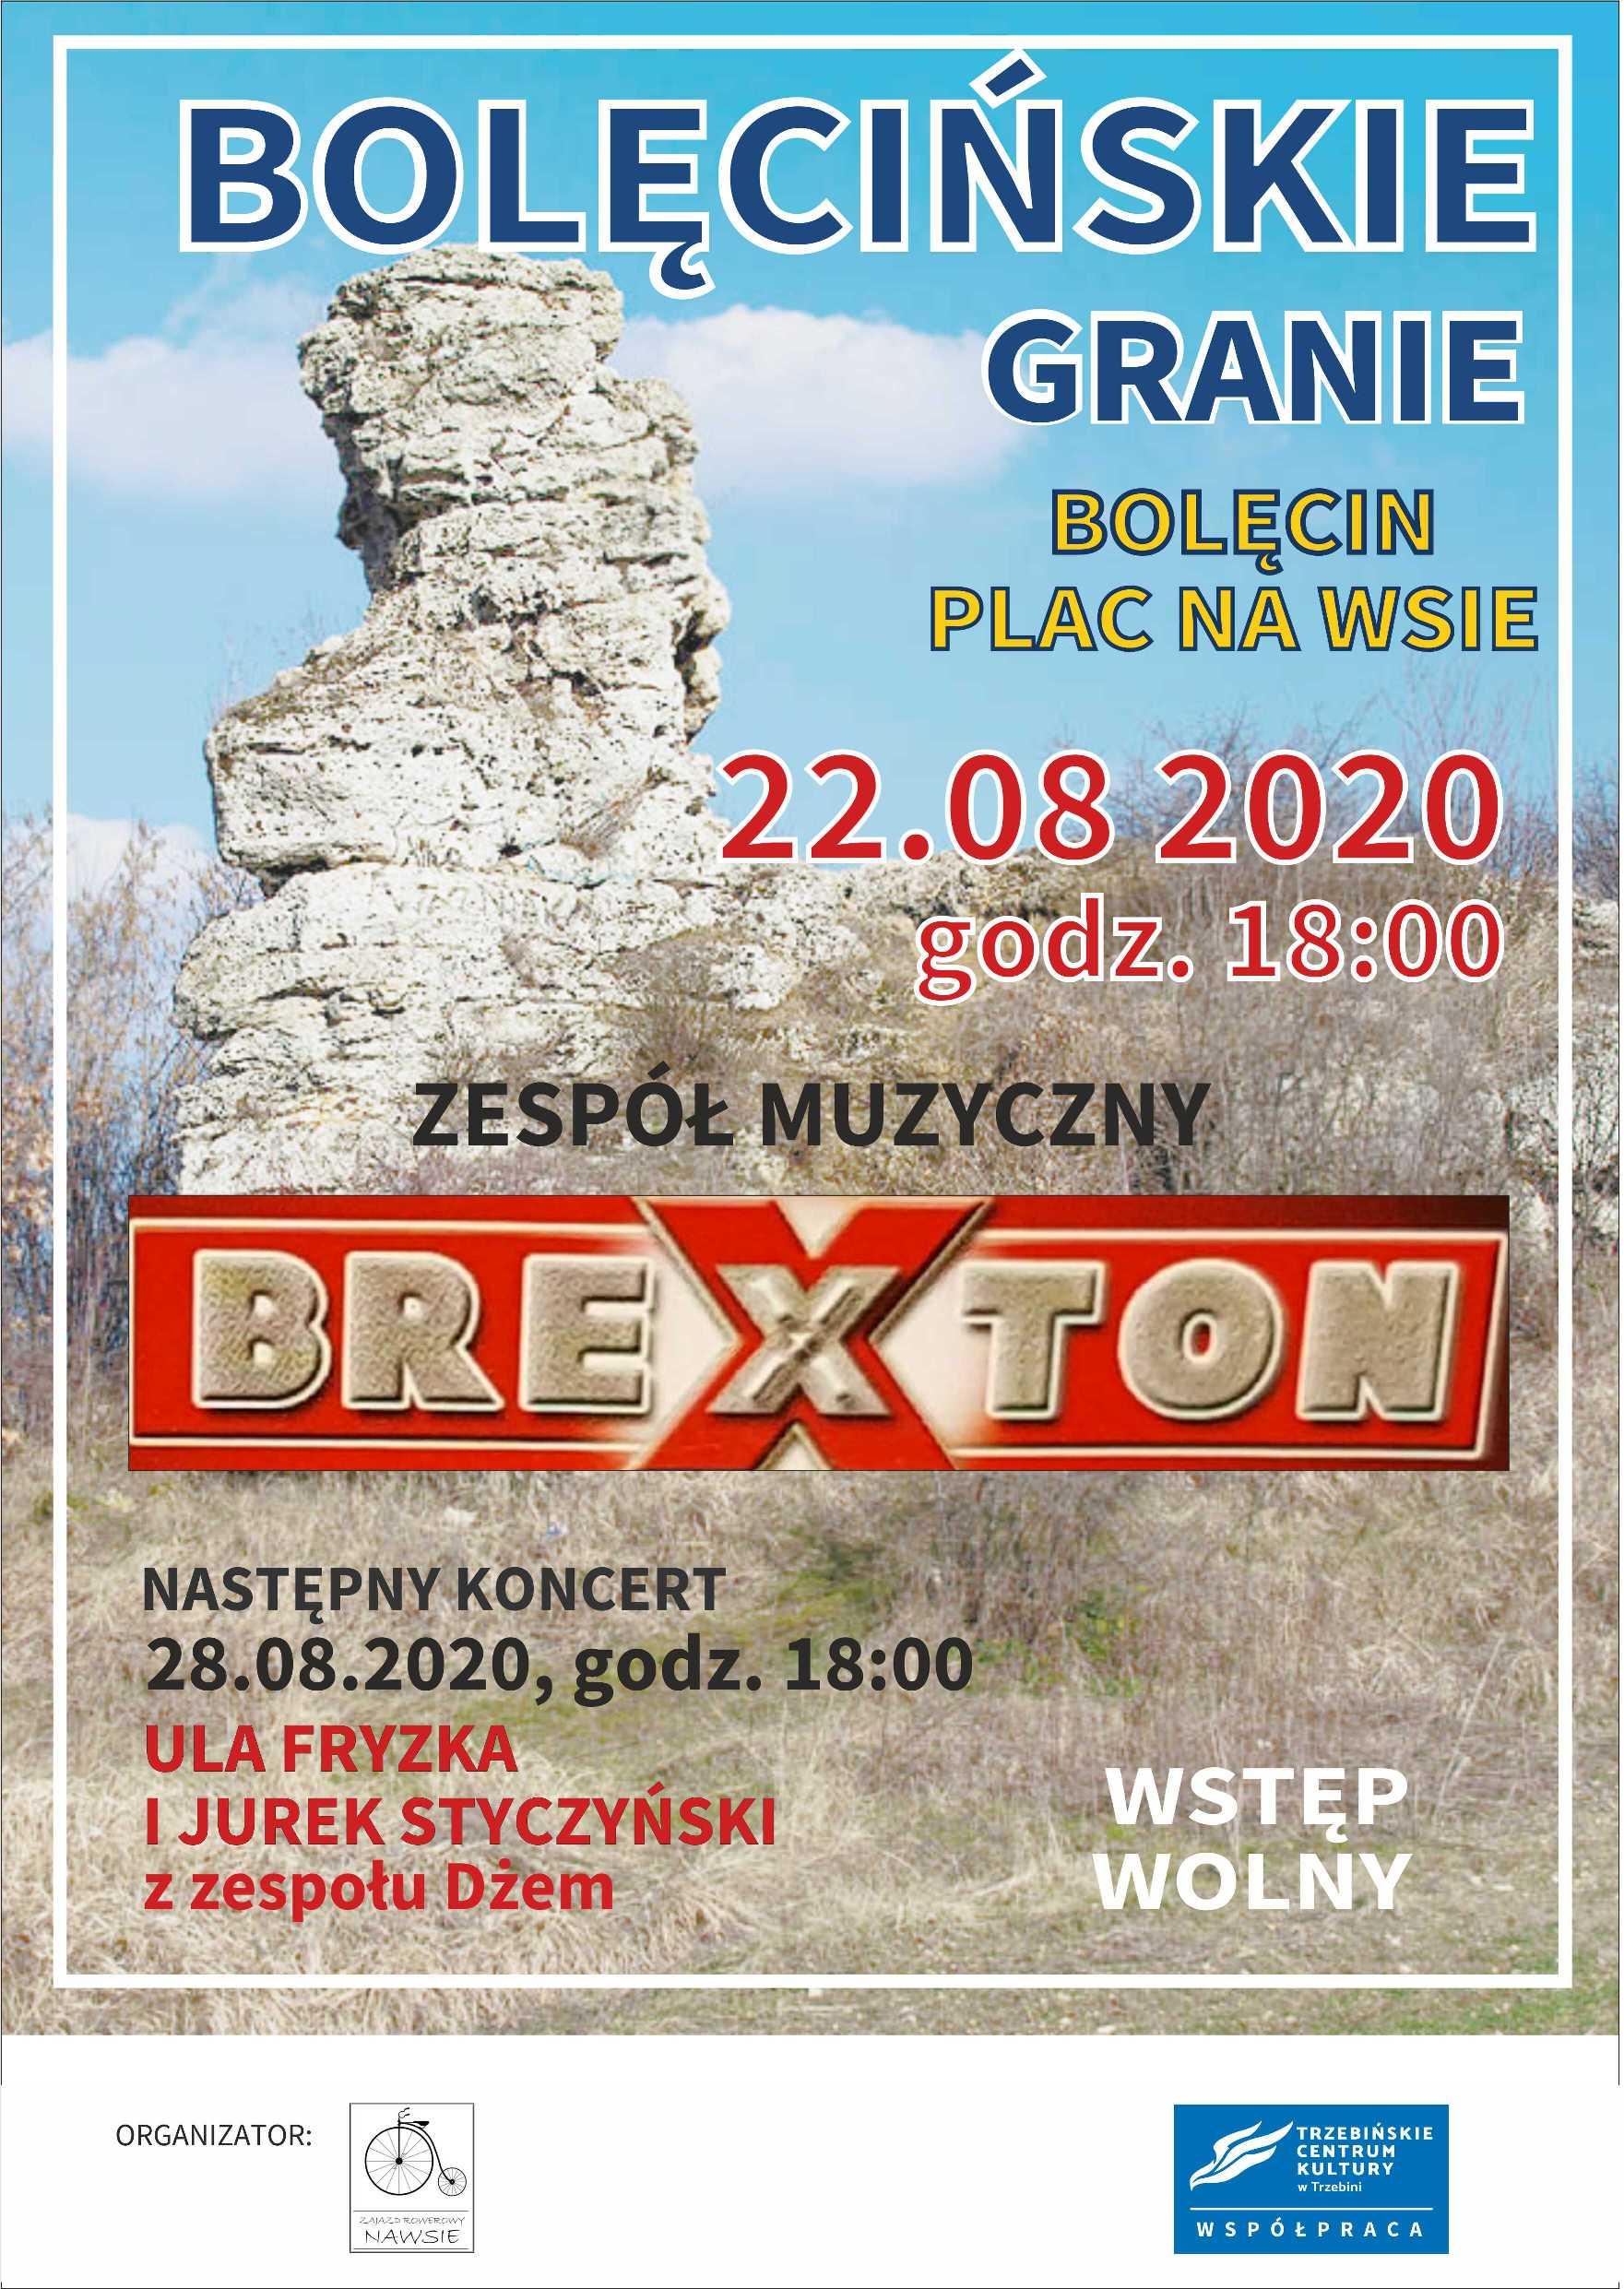 Bolęcińskie Granie - zespół Brexton